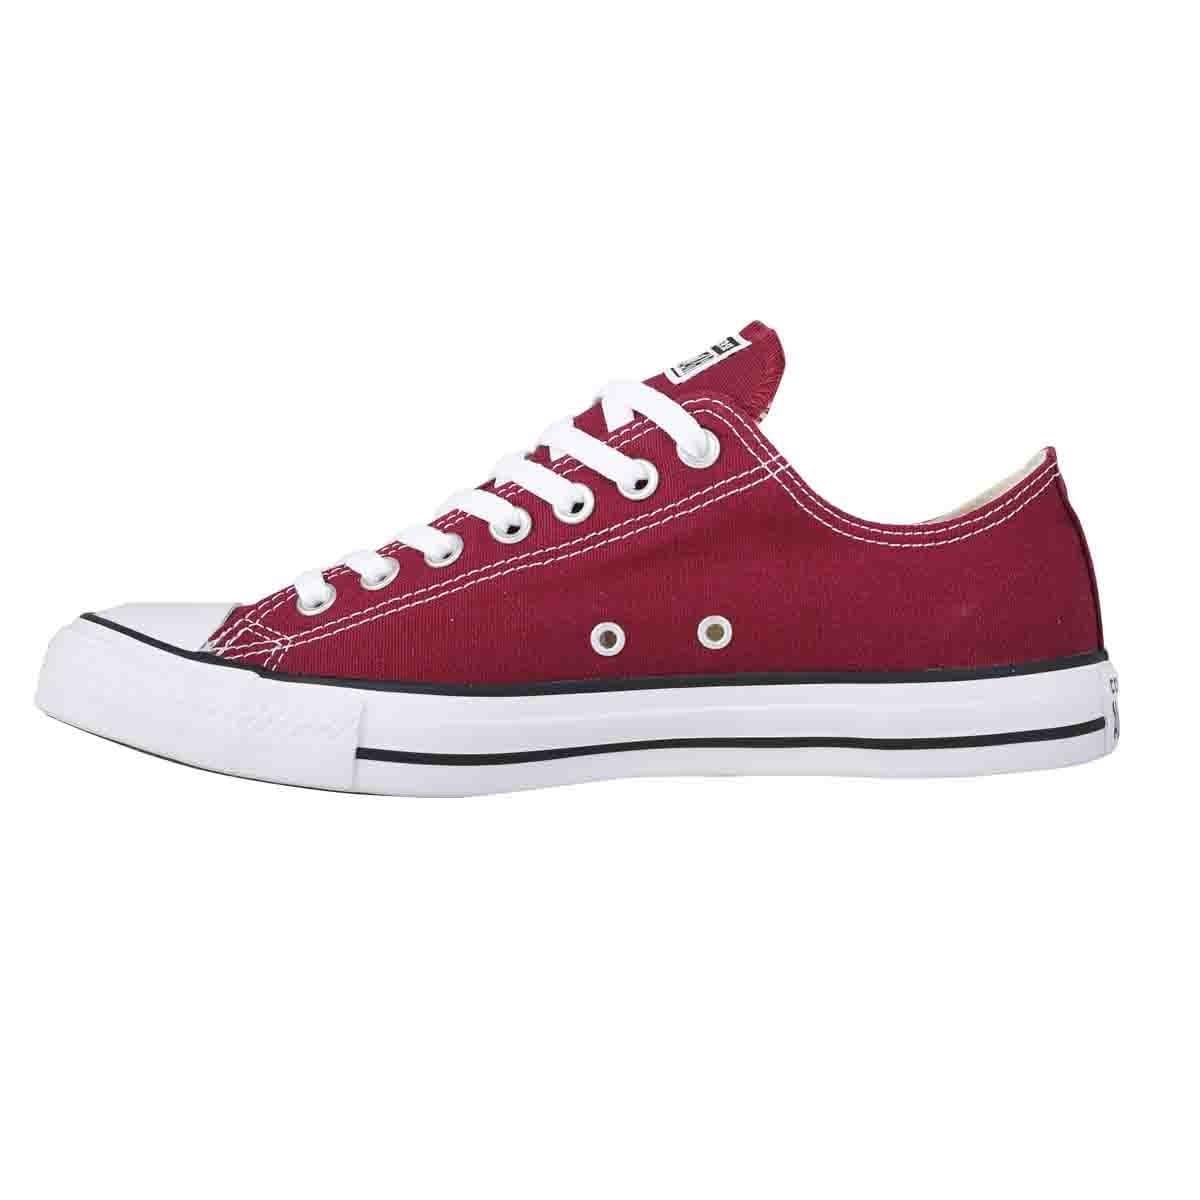 Probablemente mudo cultura  Tenis Tipo Choclo Color Rojo Converse